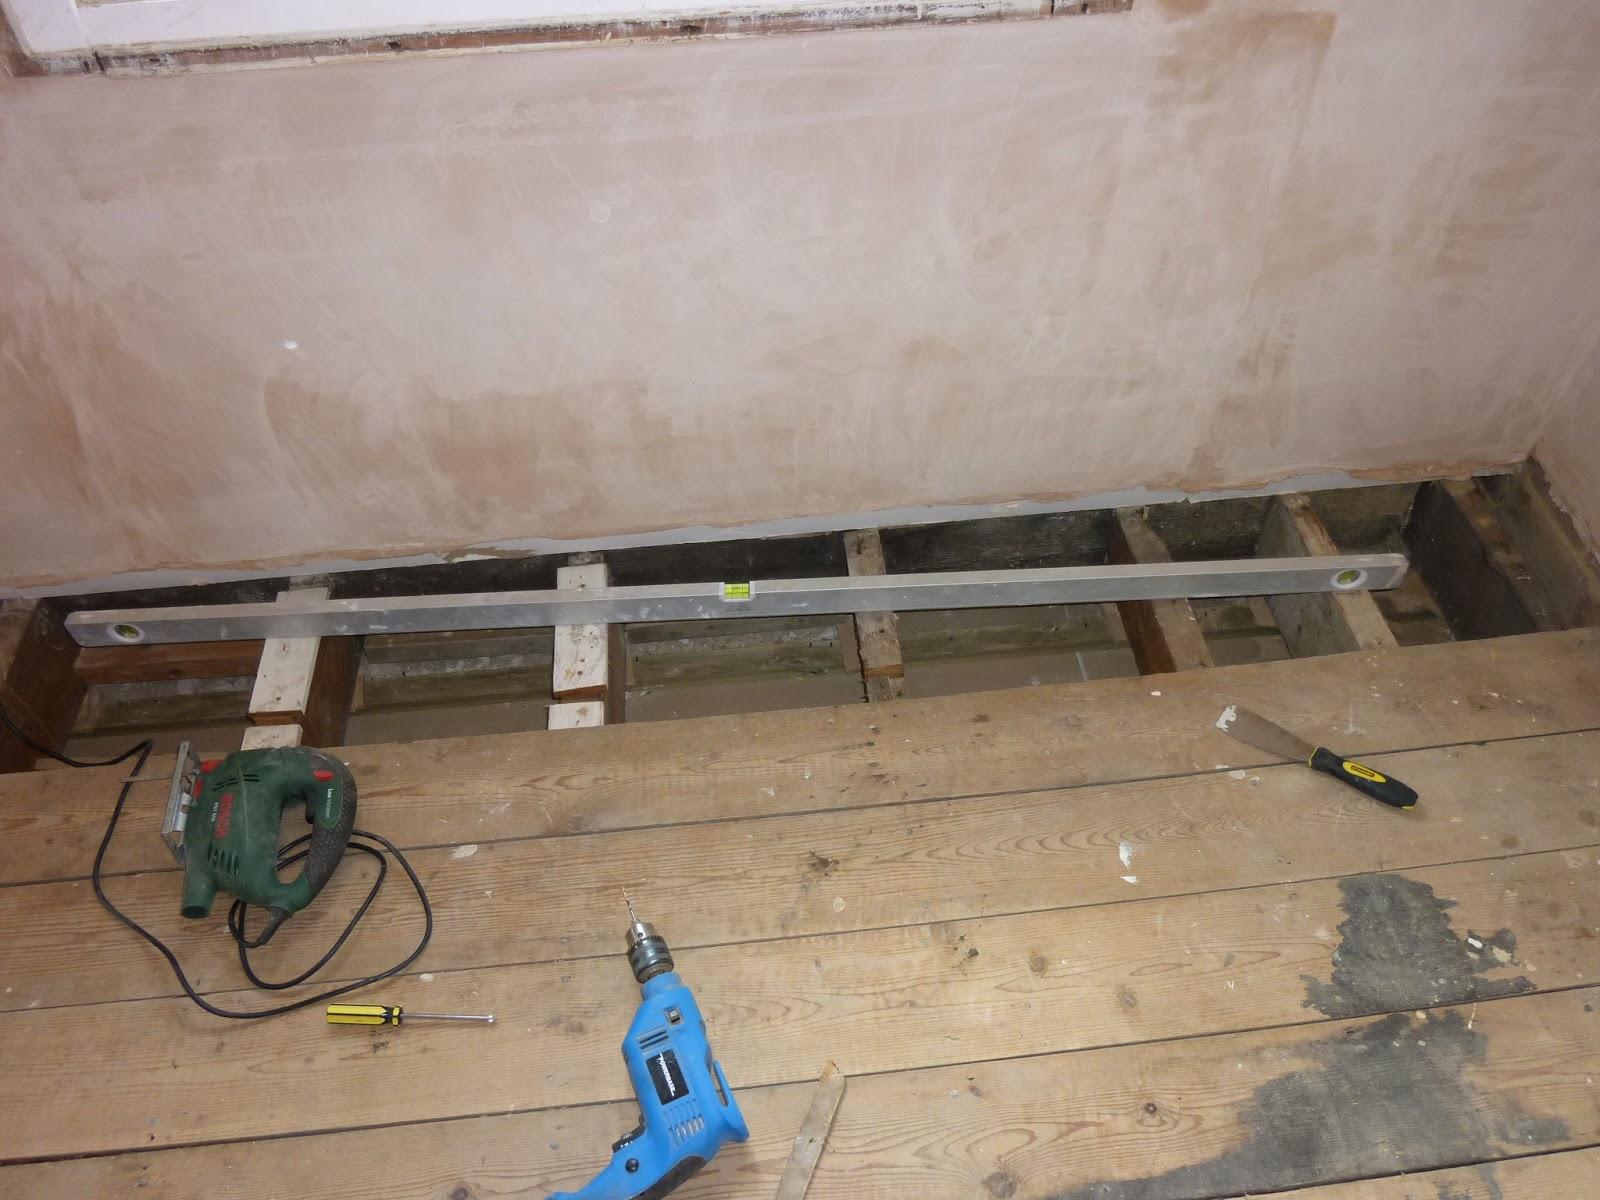 Warped floor joists